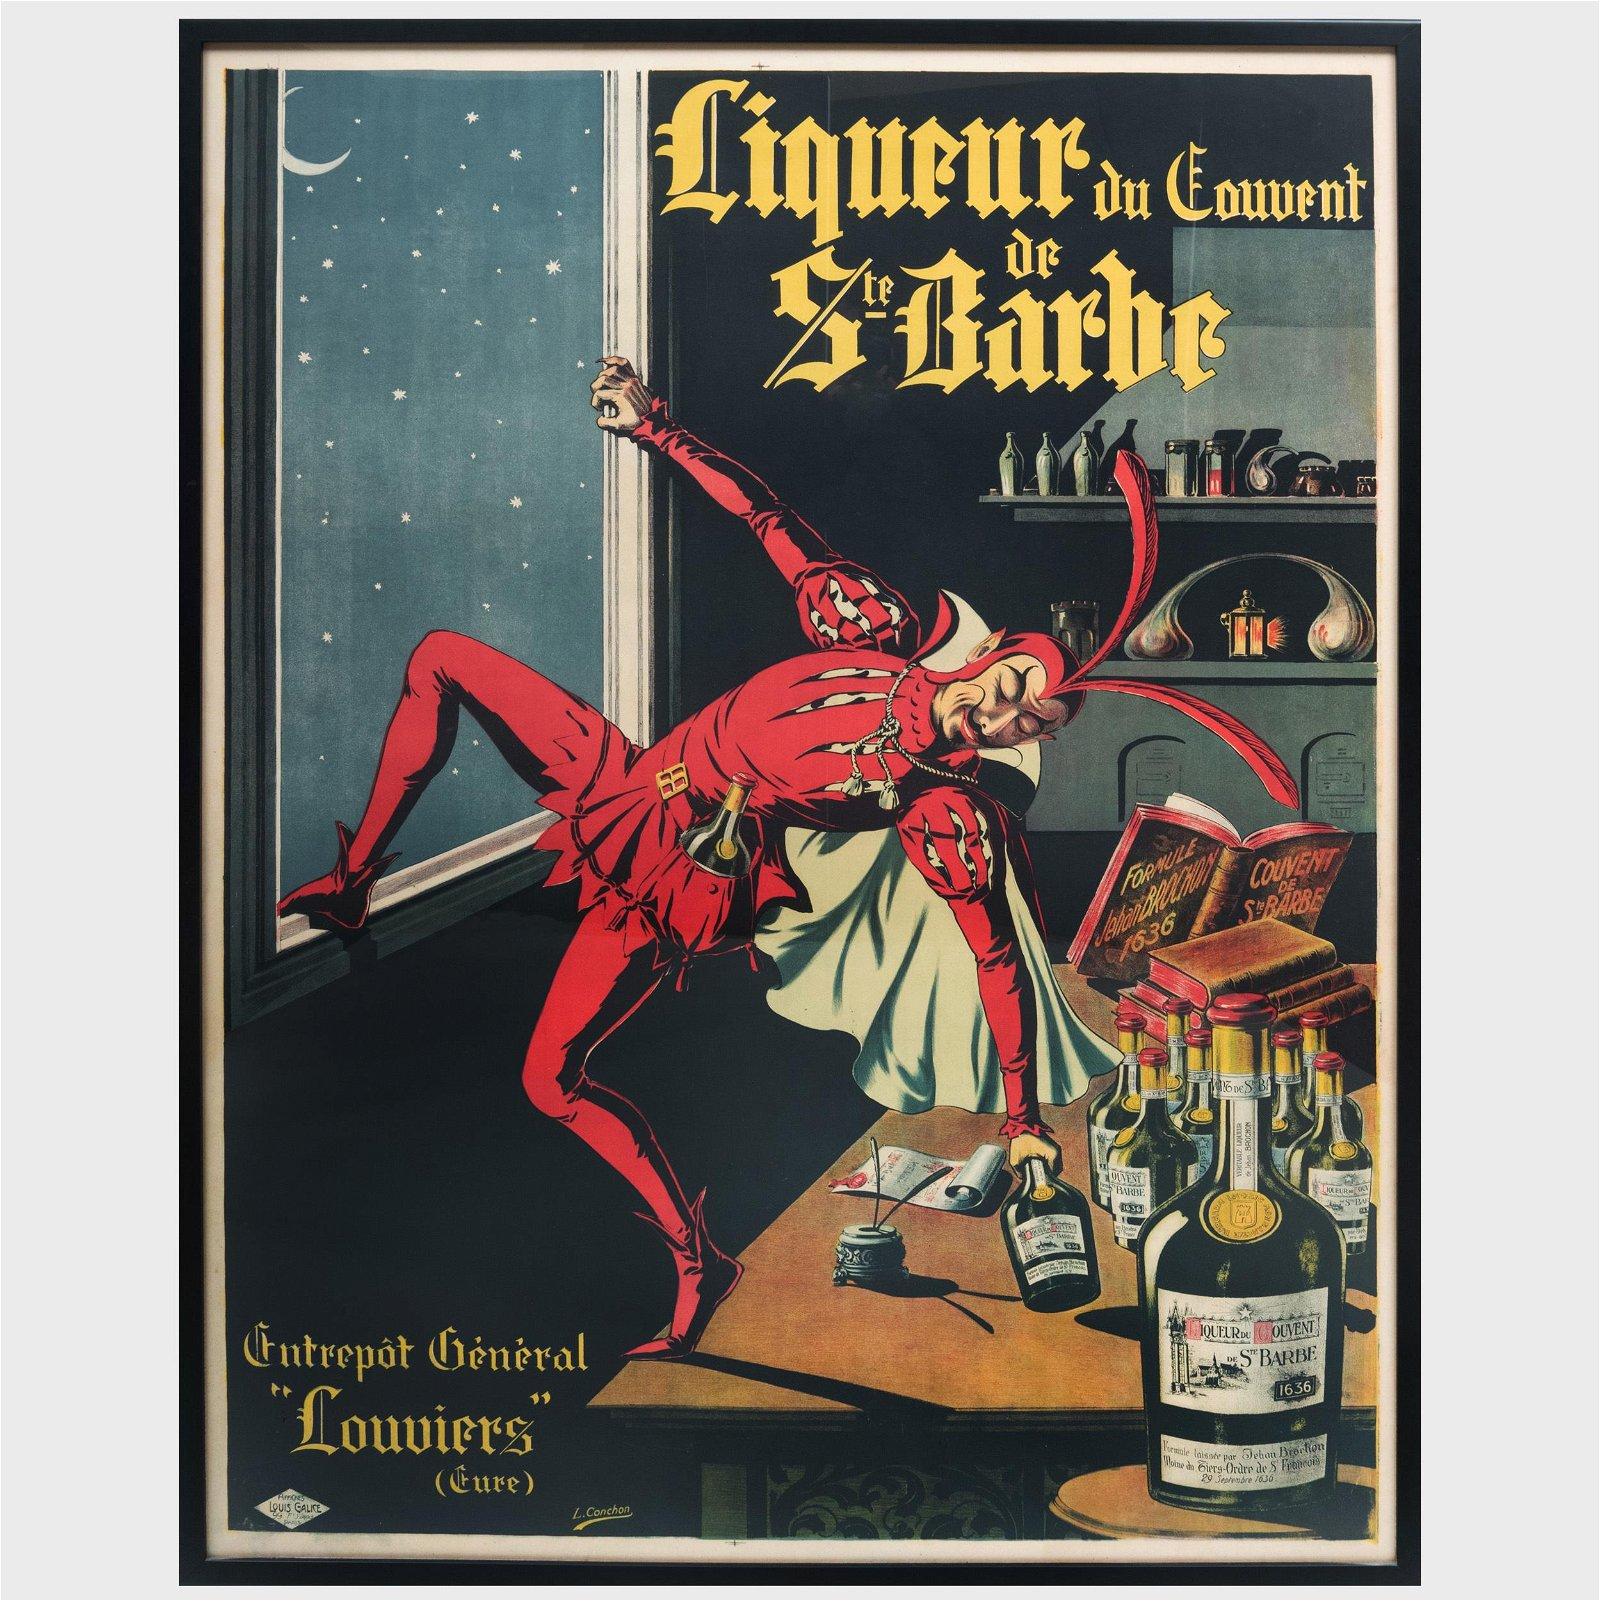 After L. Conchin: Liqueur du Couvent de St. Barbe